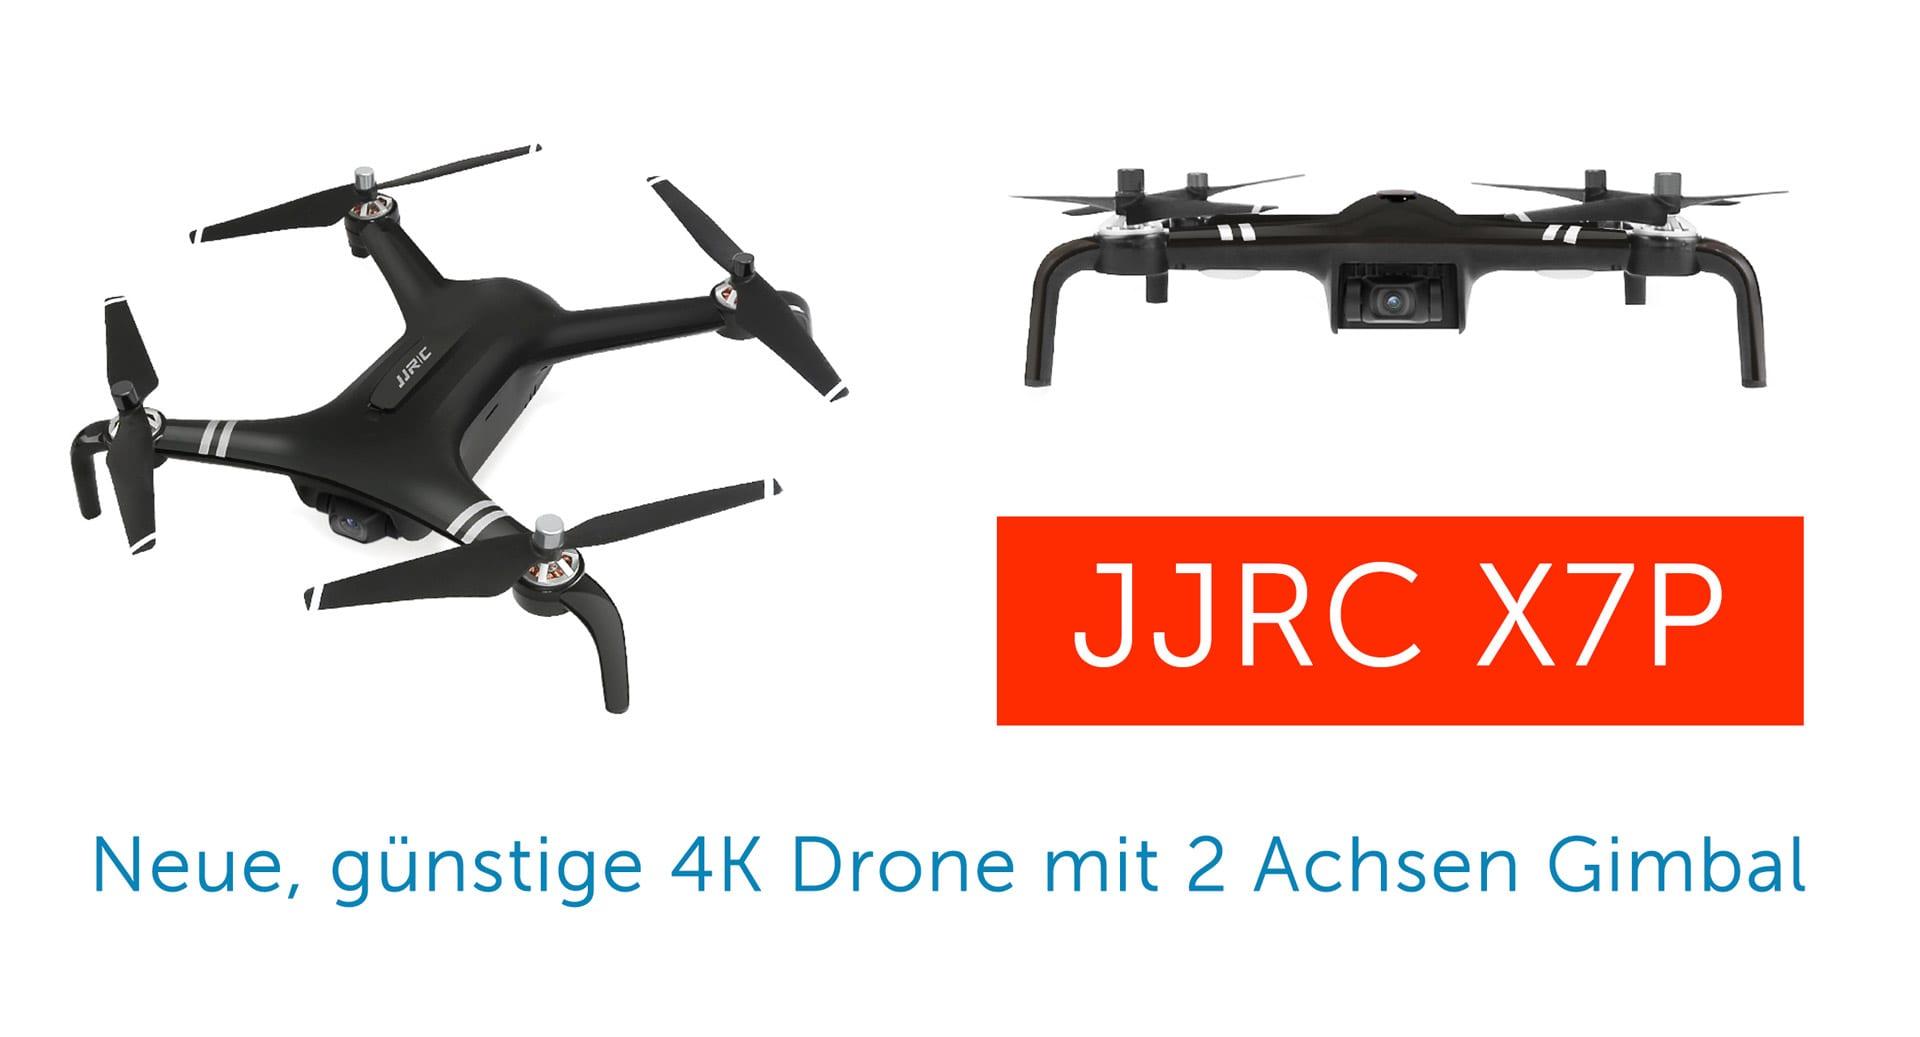 JJRC X7P Drohne